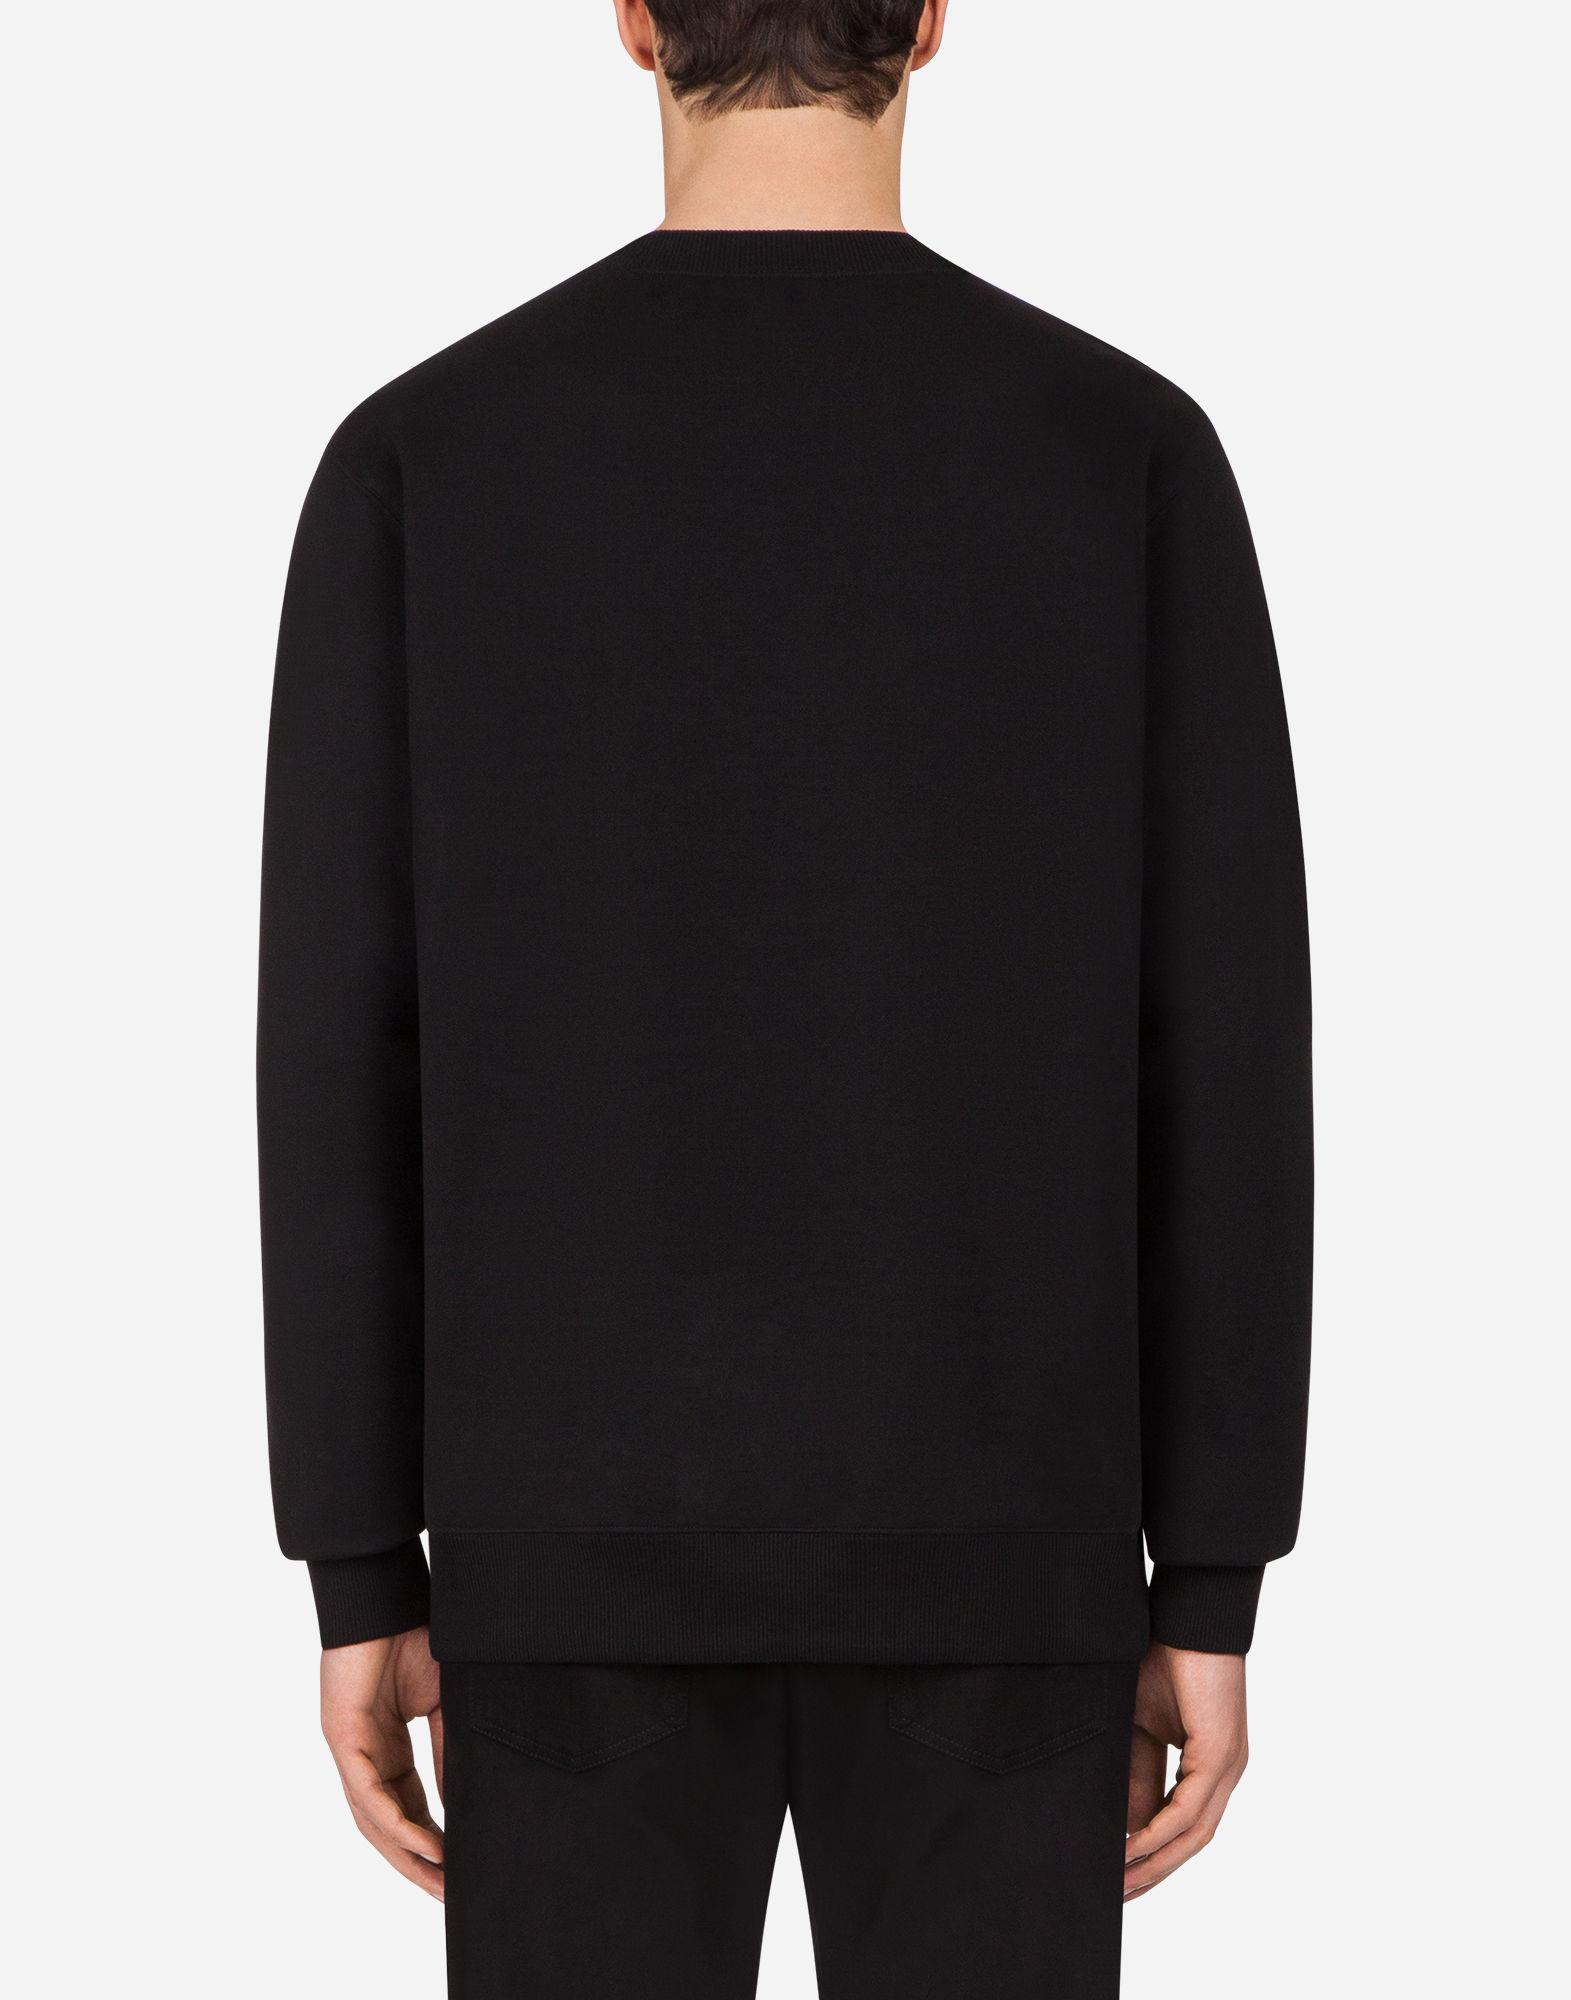 dfd9f8167602 Lyst - Dolce   Gabbana Swarovski Logo Cotton Sweatshirt in Black for Men -  Save 75%